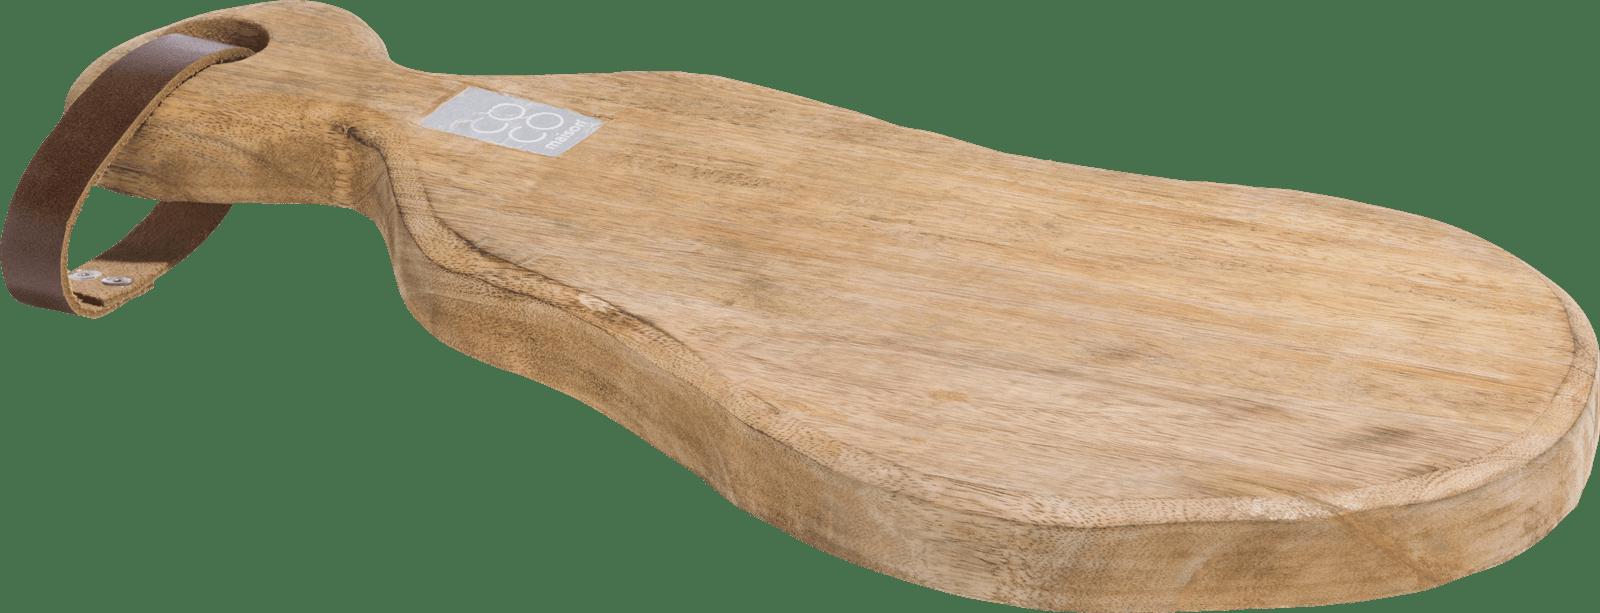 Coco Maison - schneidebrett mandra - 30 x 51 cm